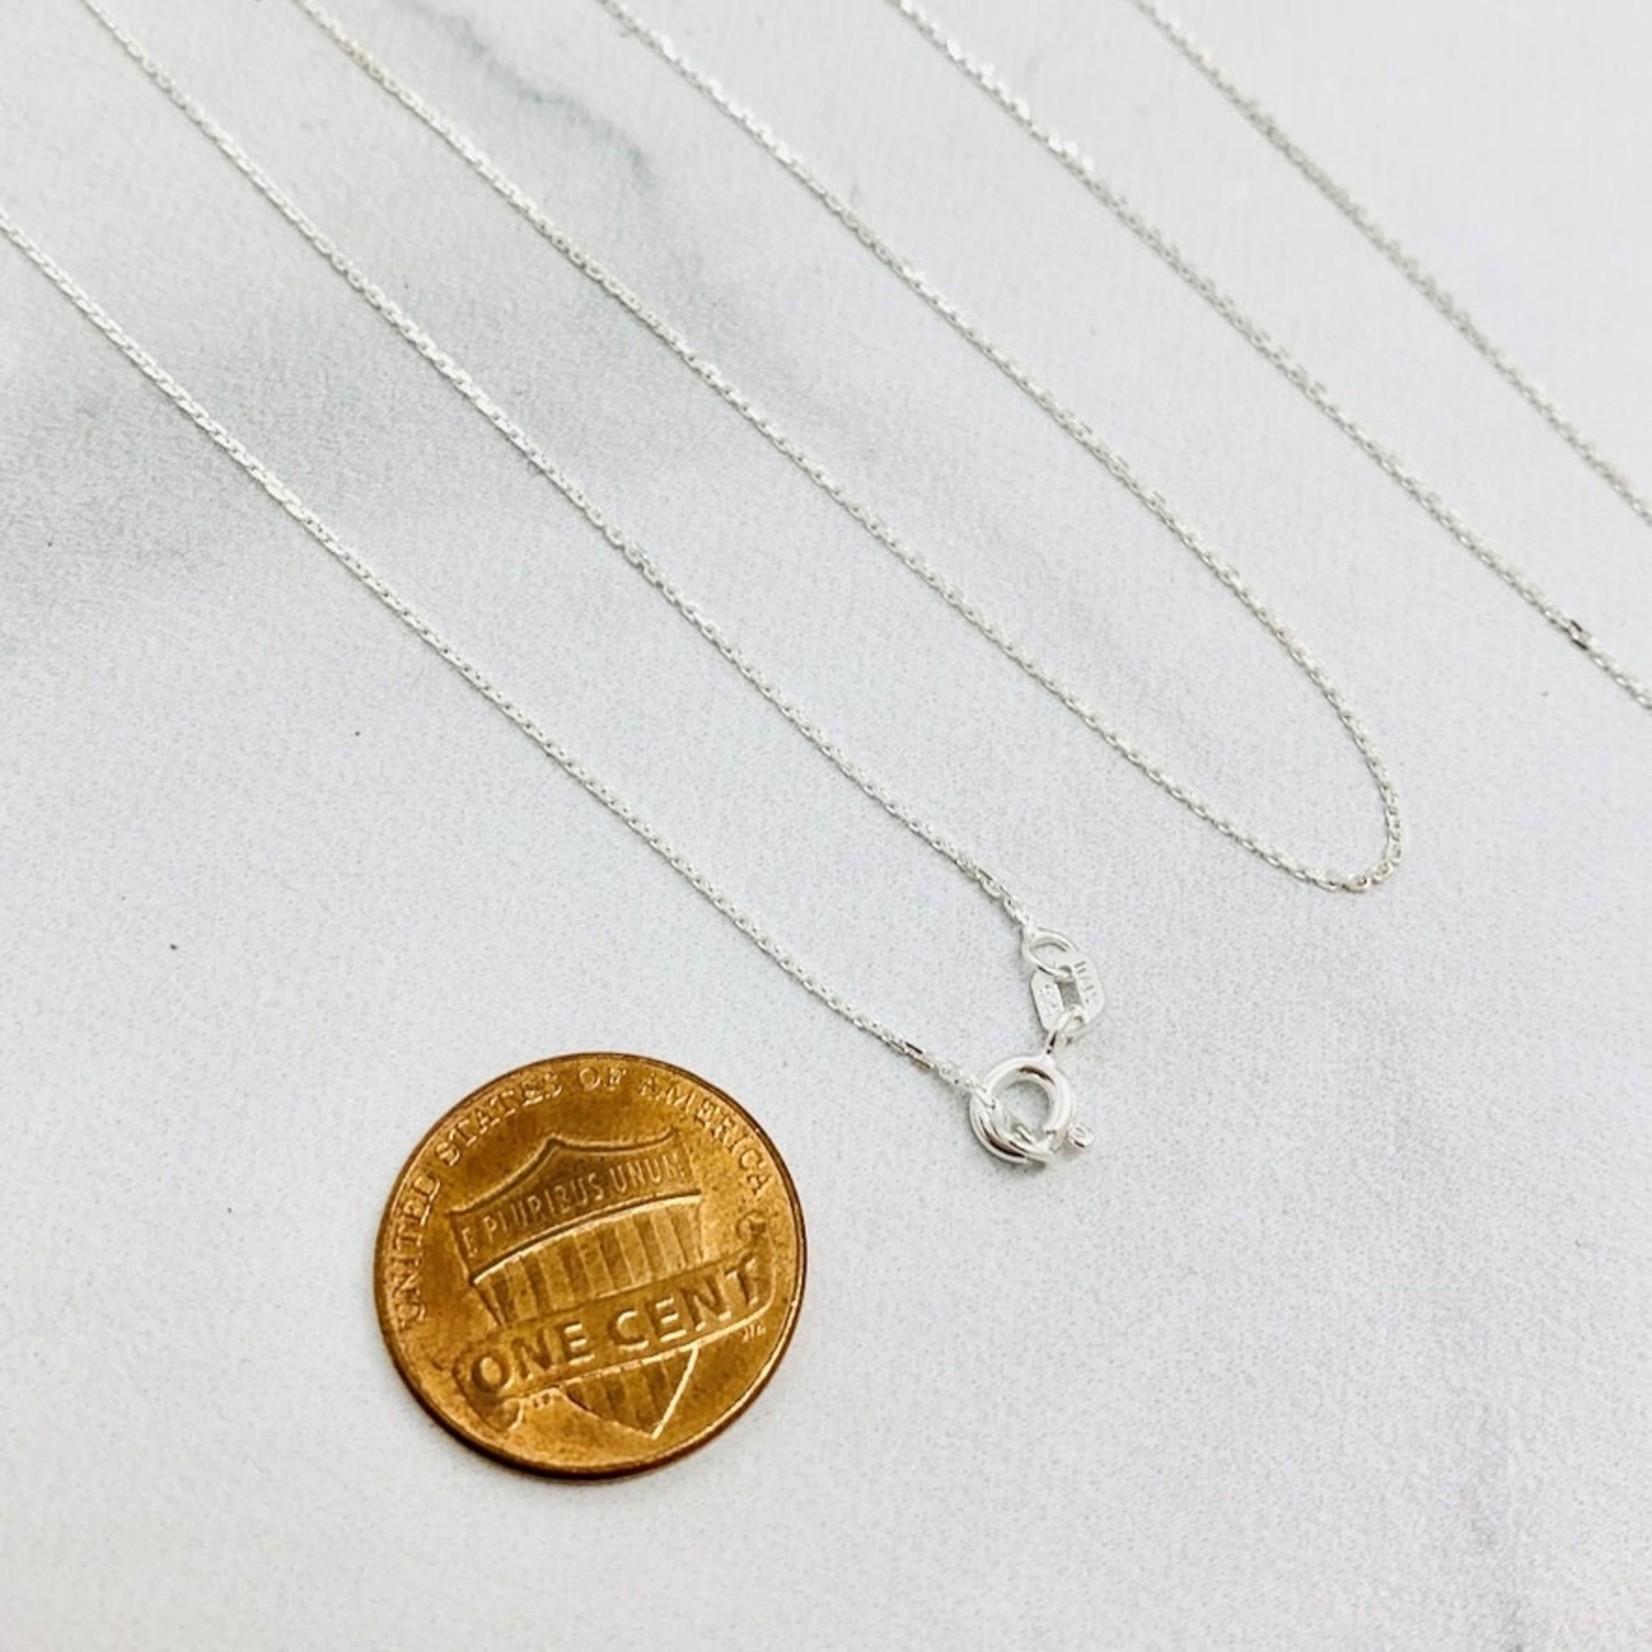 Sterling Silver Diamond Cut Rolo Chain